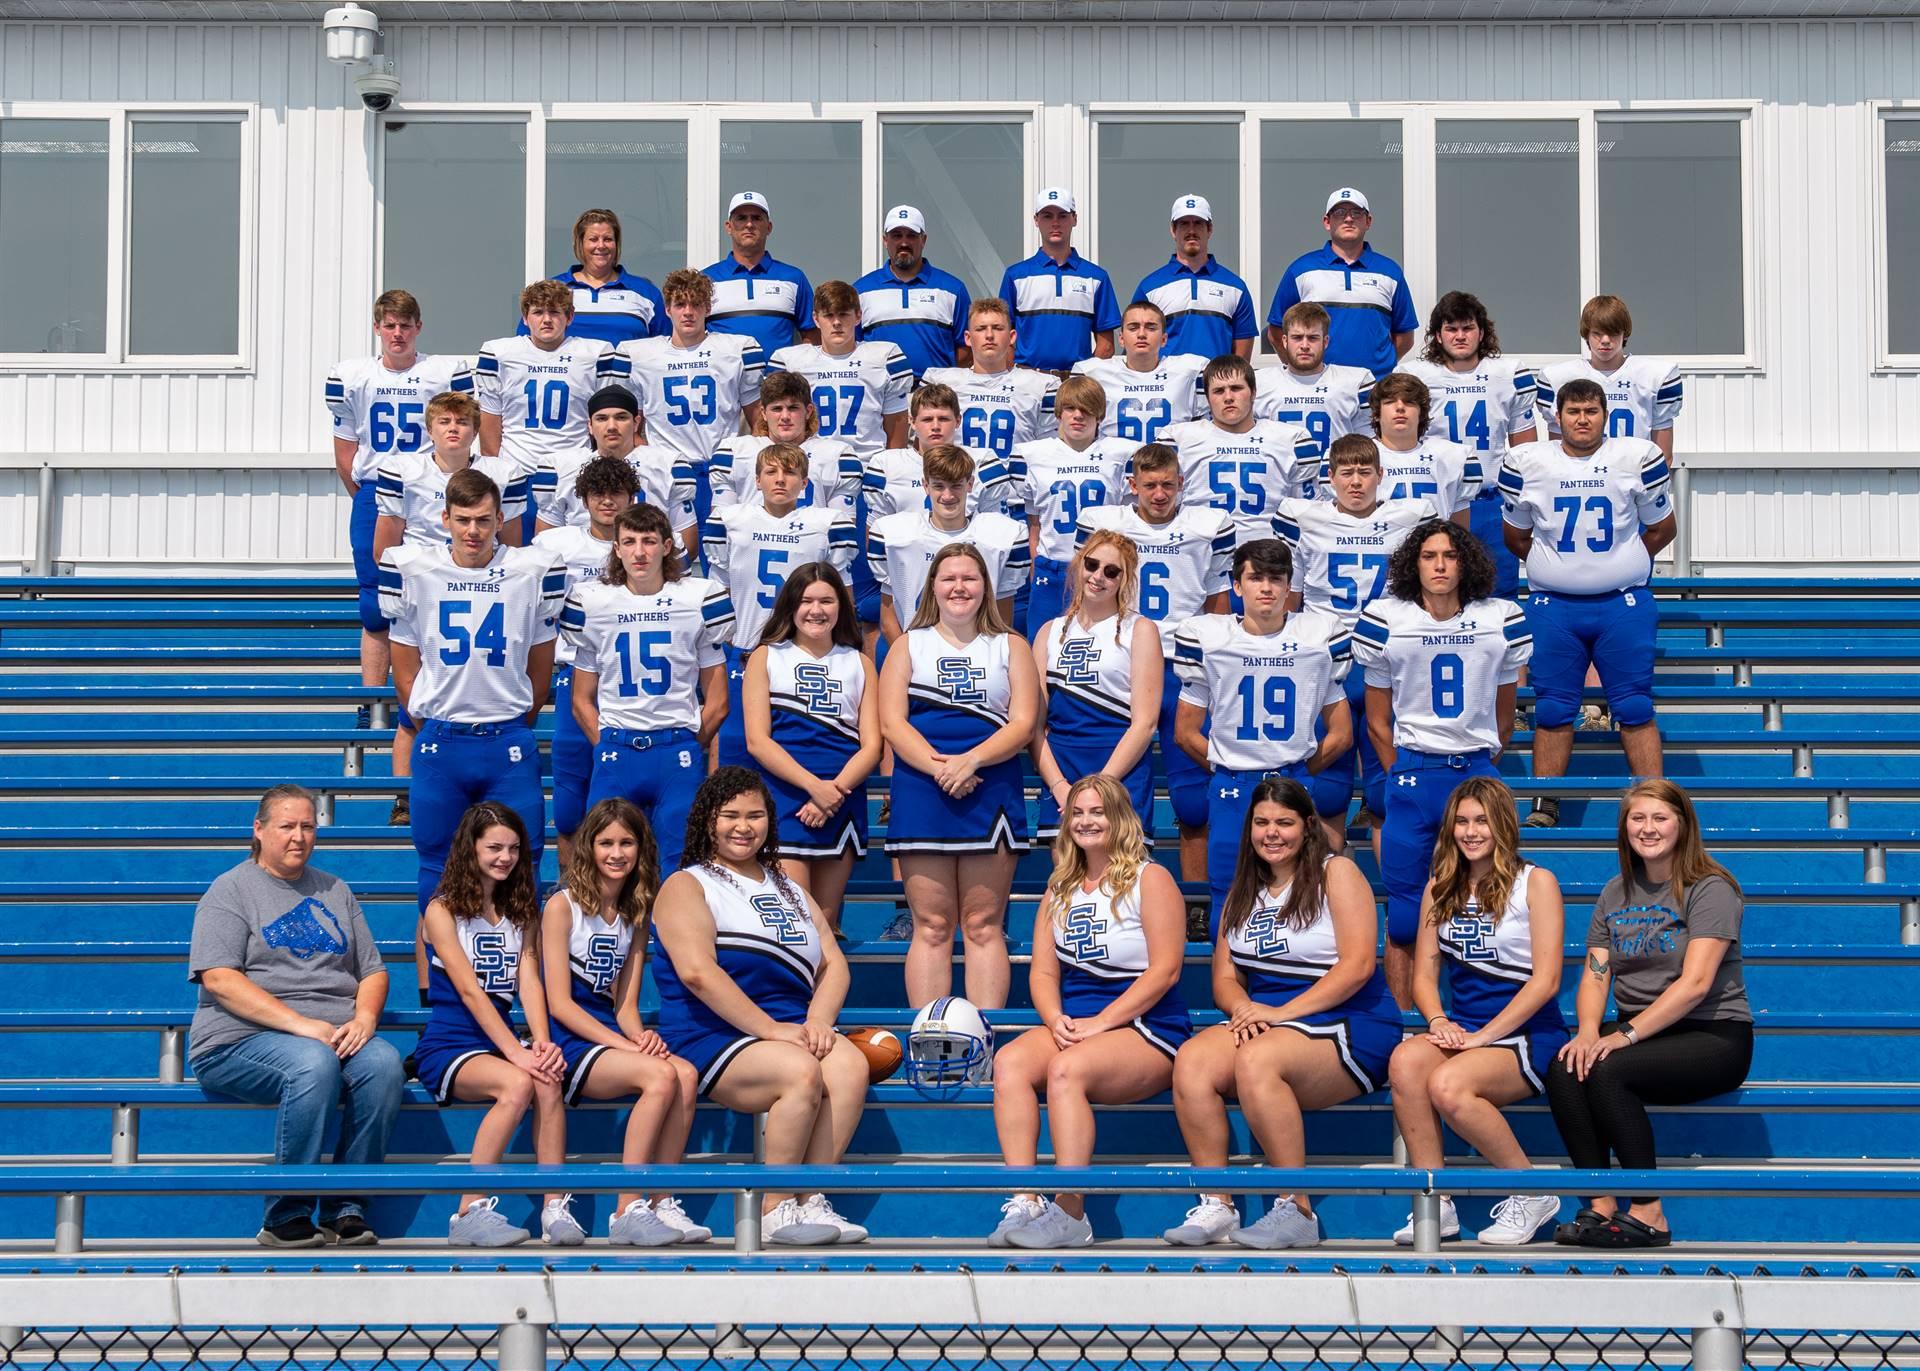 Football team and cheerleaders